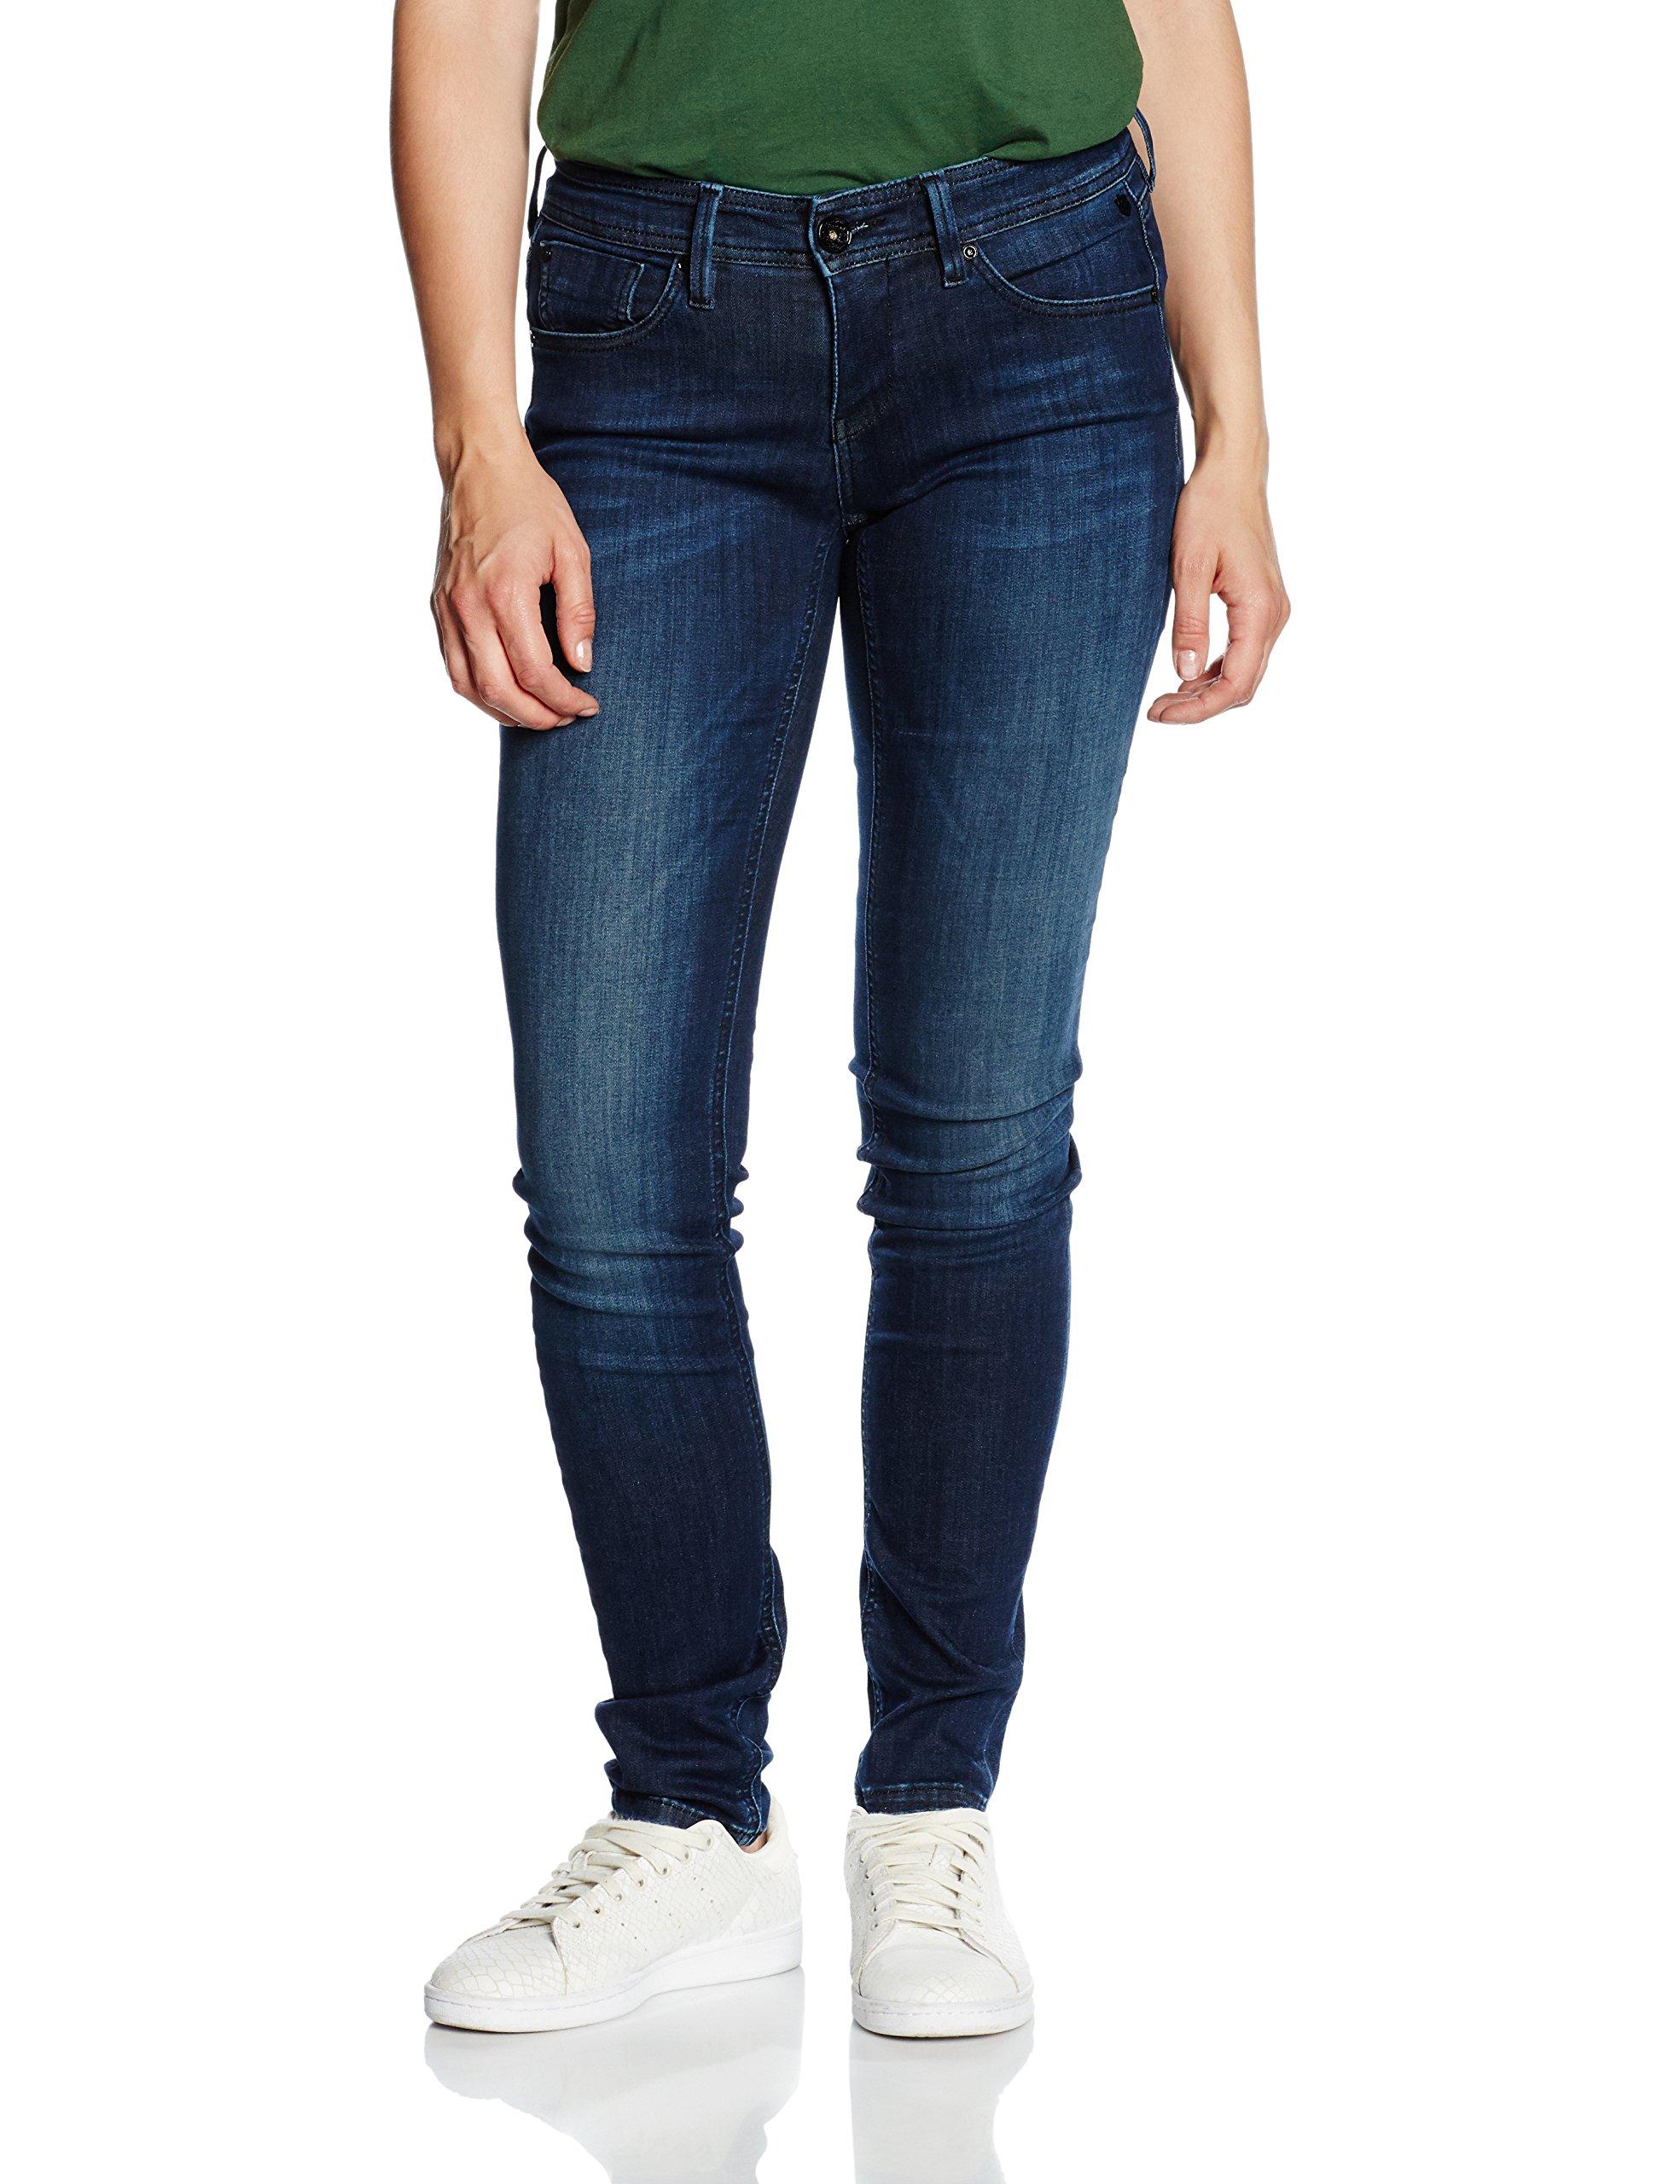 Freeman JeansBleuflexy 210 Dark porter FabricantXsFemme 00025835 T BlueW24taille CdshrxtQ